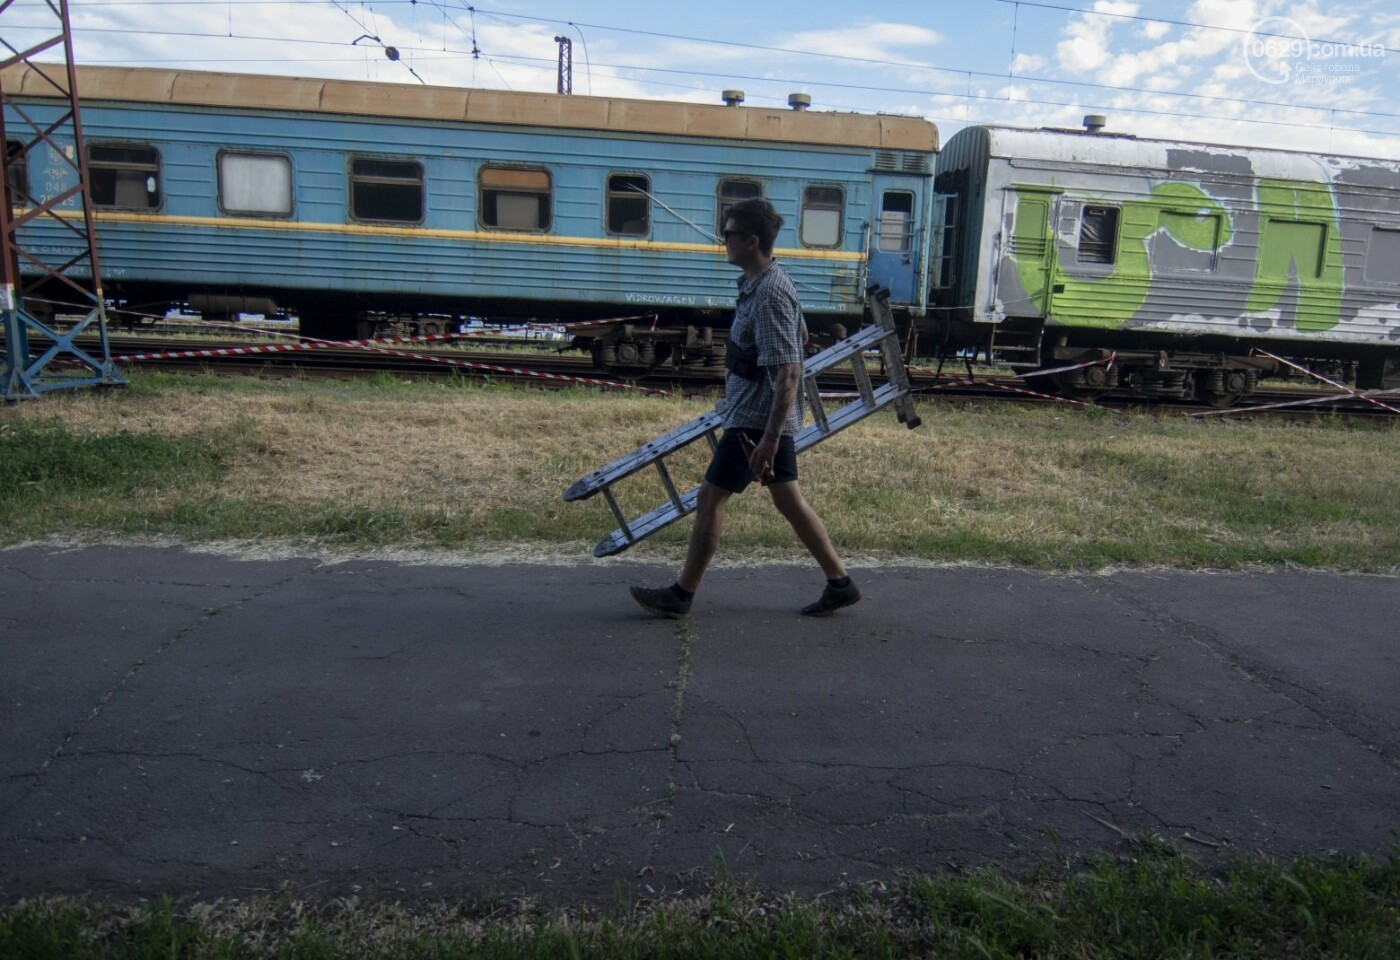 Во что превратили художники старый железнодорожный состав в Мариуполе. 33 фотографии! , фото-2